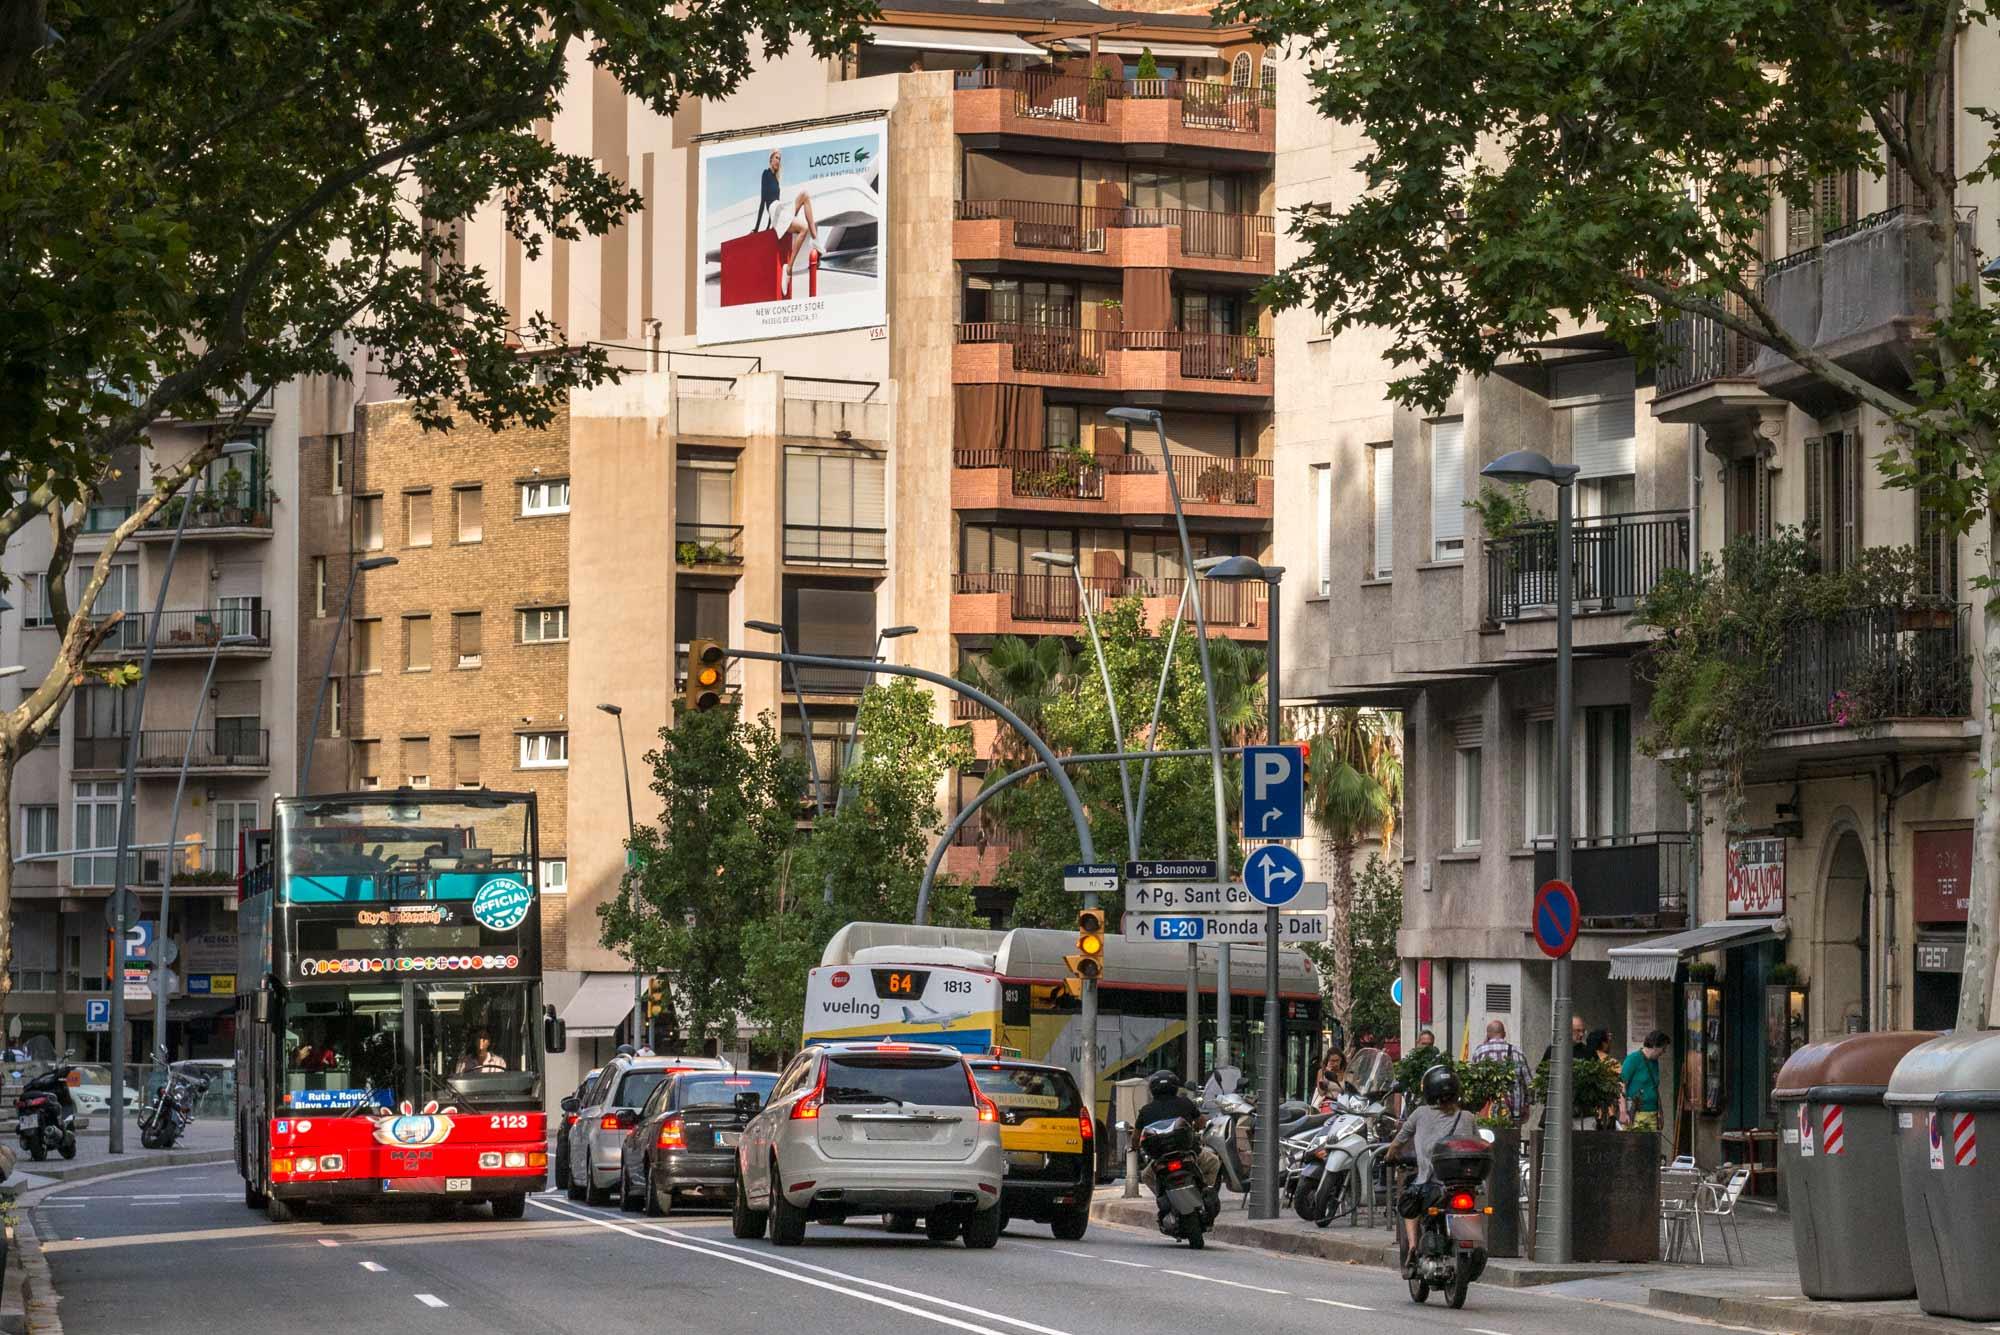 pym-medianera-publicidad-exterior-lacoste-dia-barcelona-vsa-comunicacion